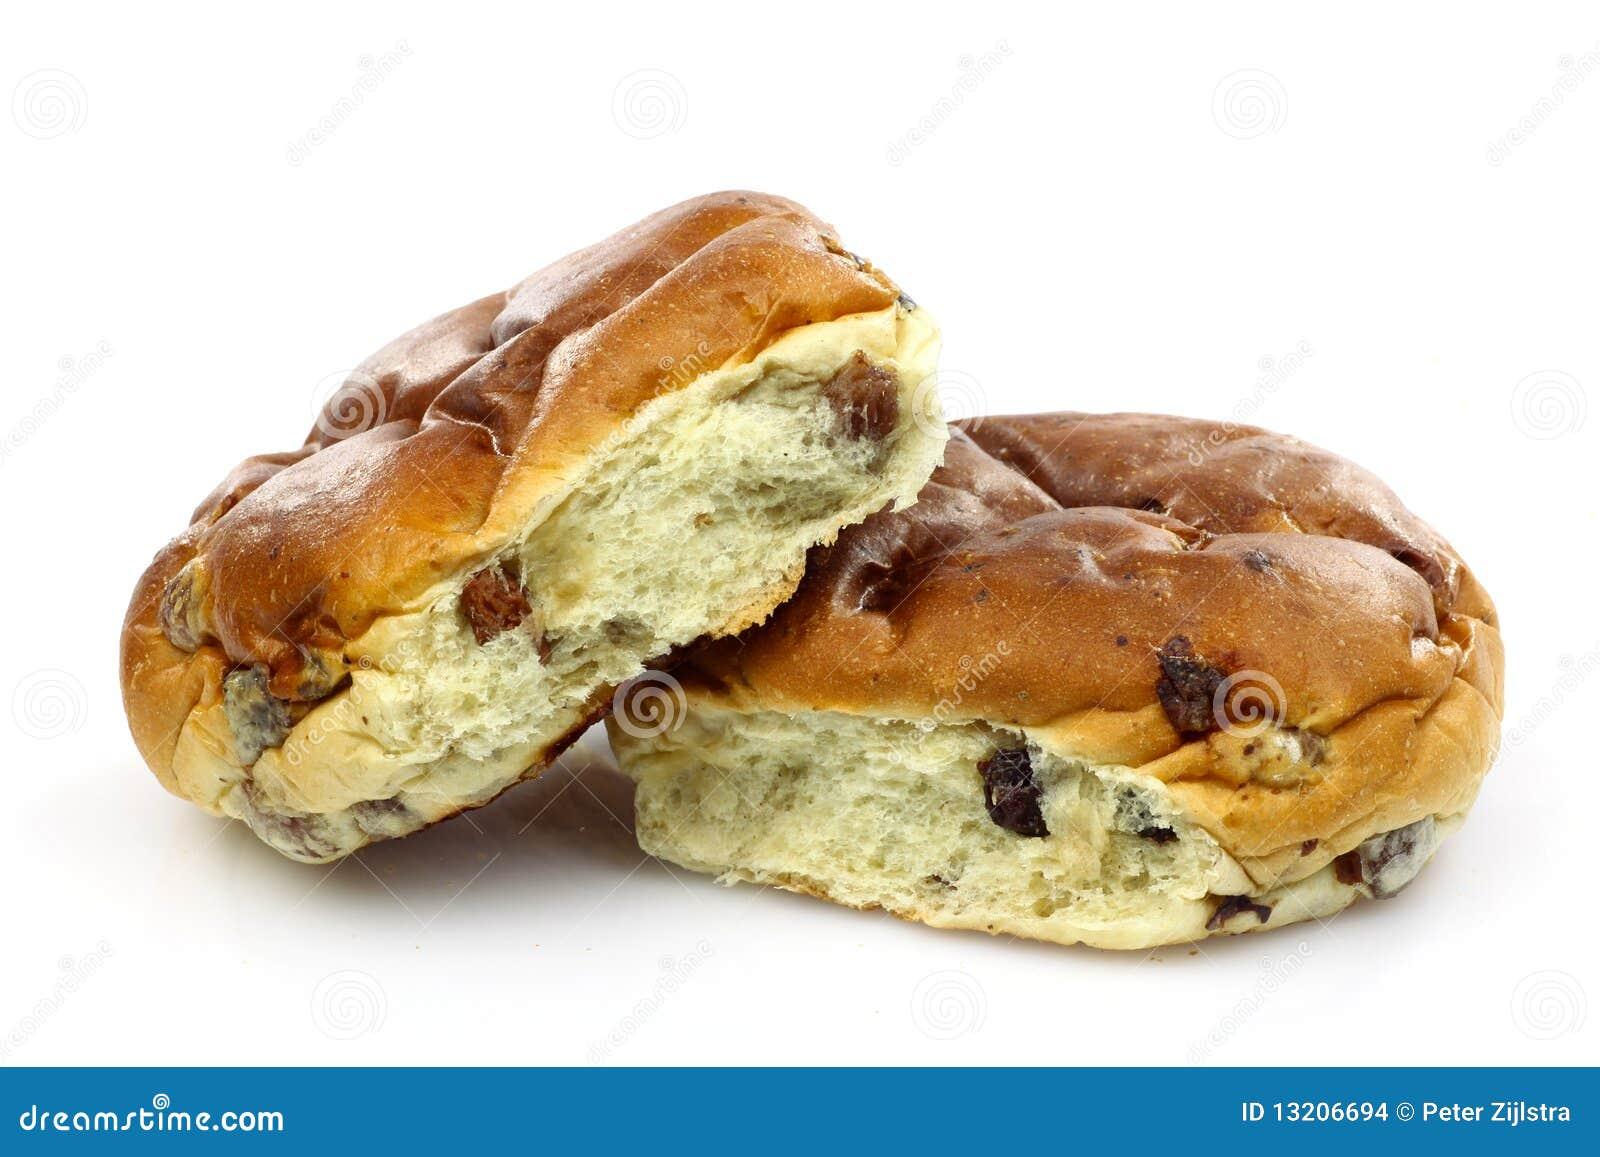 - current-buns-13206694